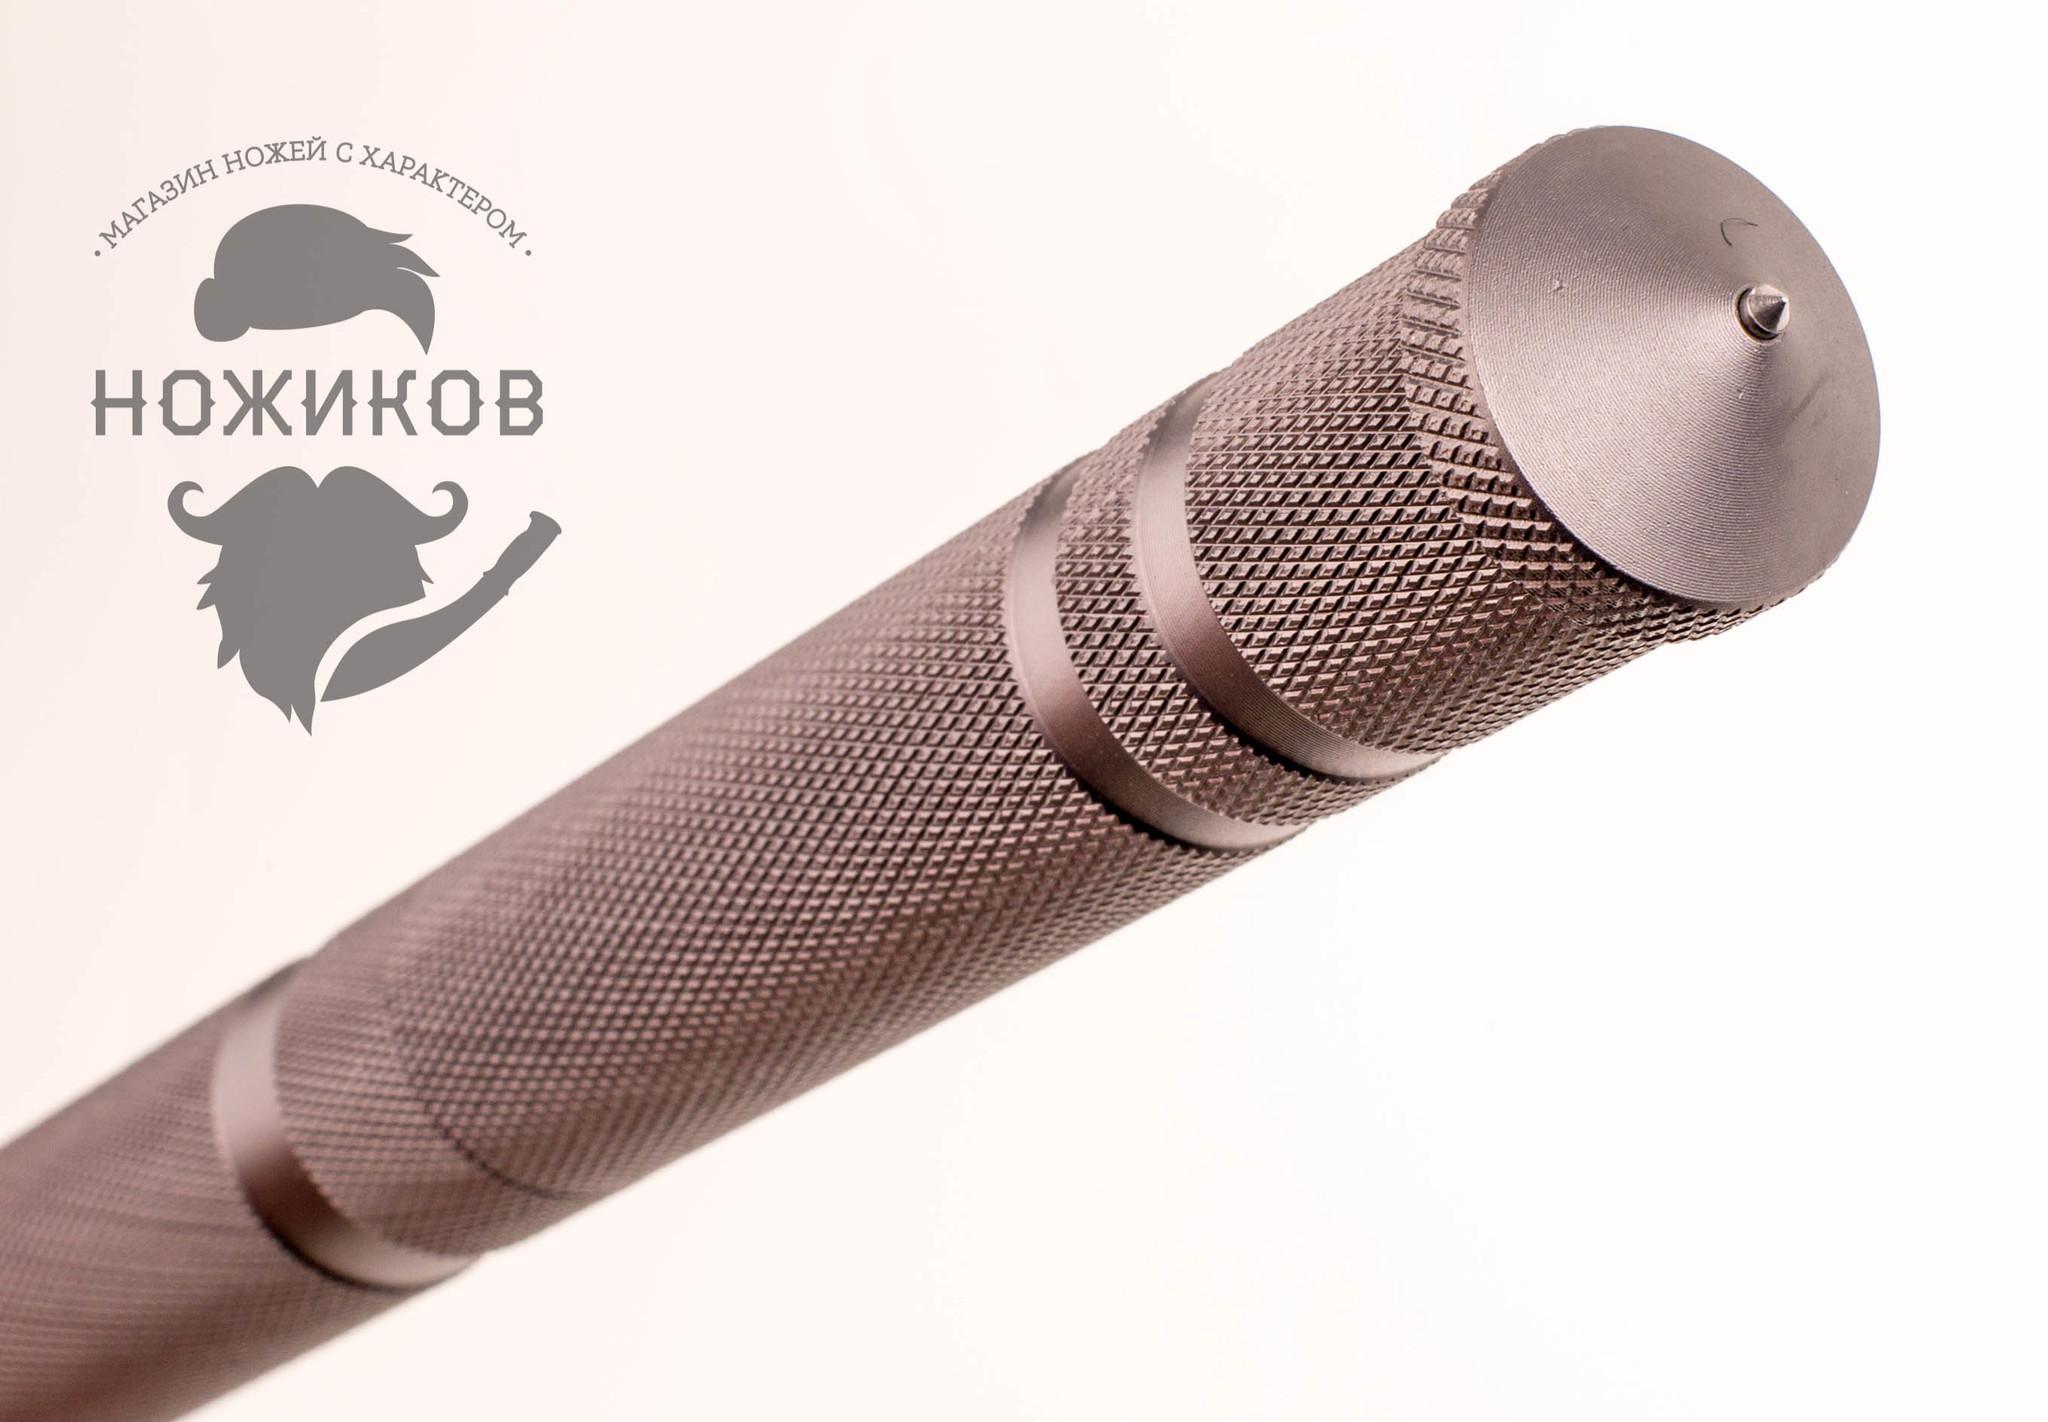 Фото 22 - Многофункциональная лопата для выживания HX Outdoor 19-в-1 от Noname